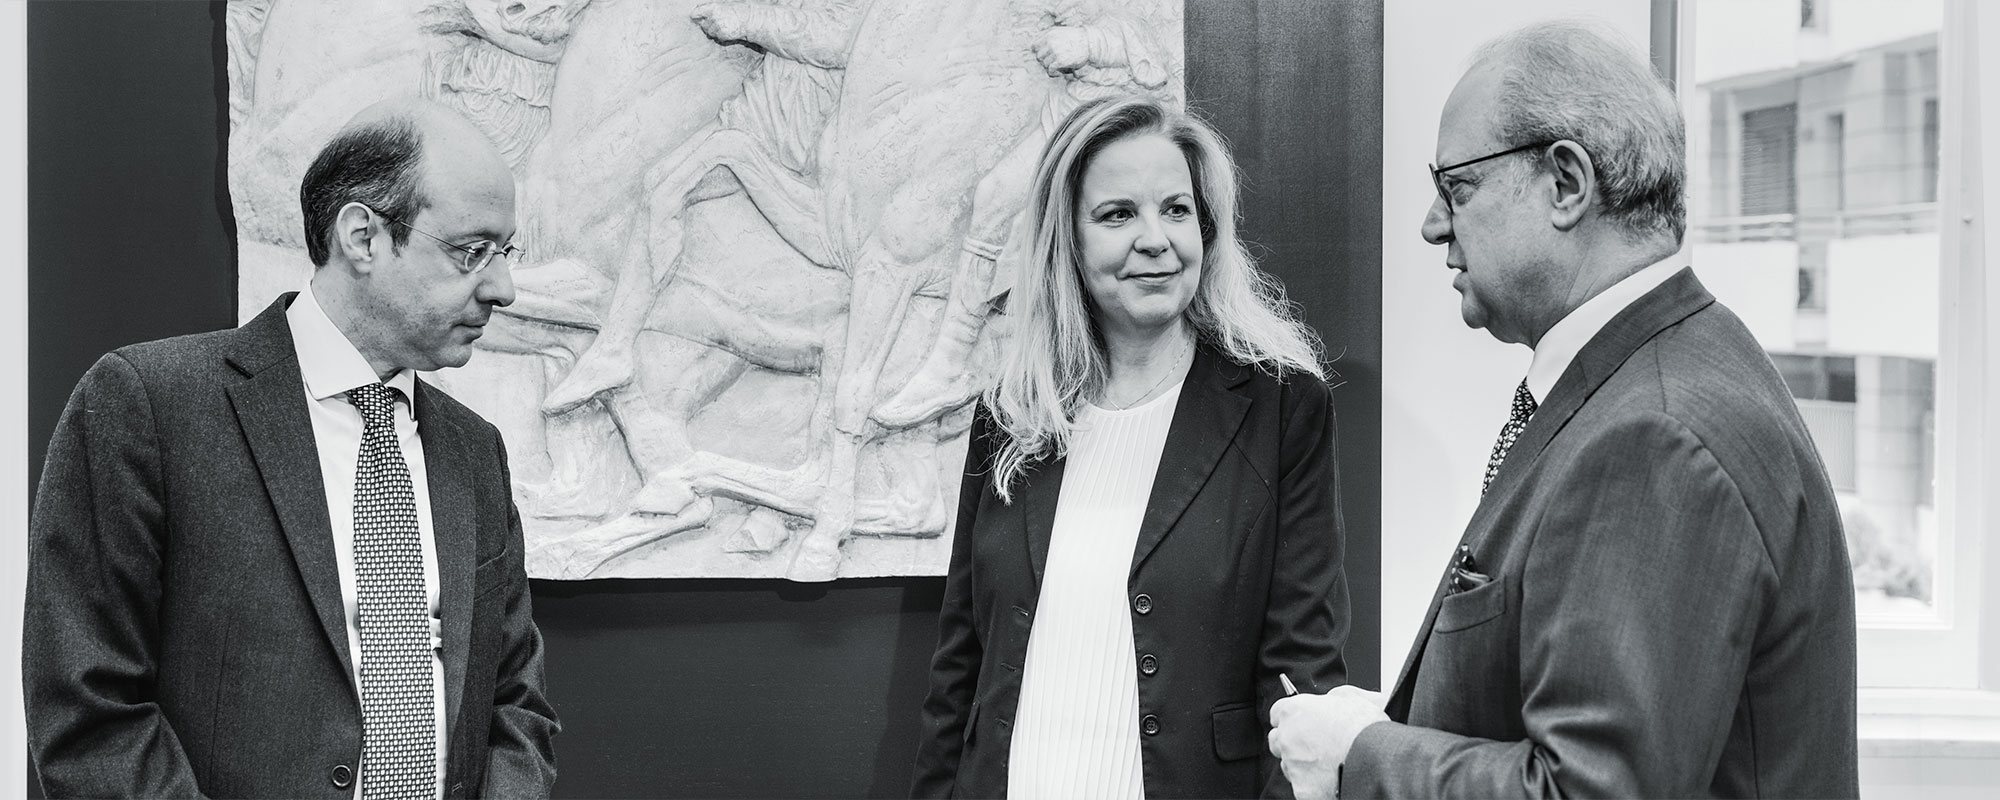 Piselli and Partners studio legale roma dipartimento arte, servizi e beni culturali